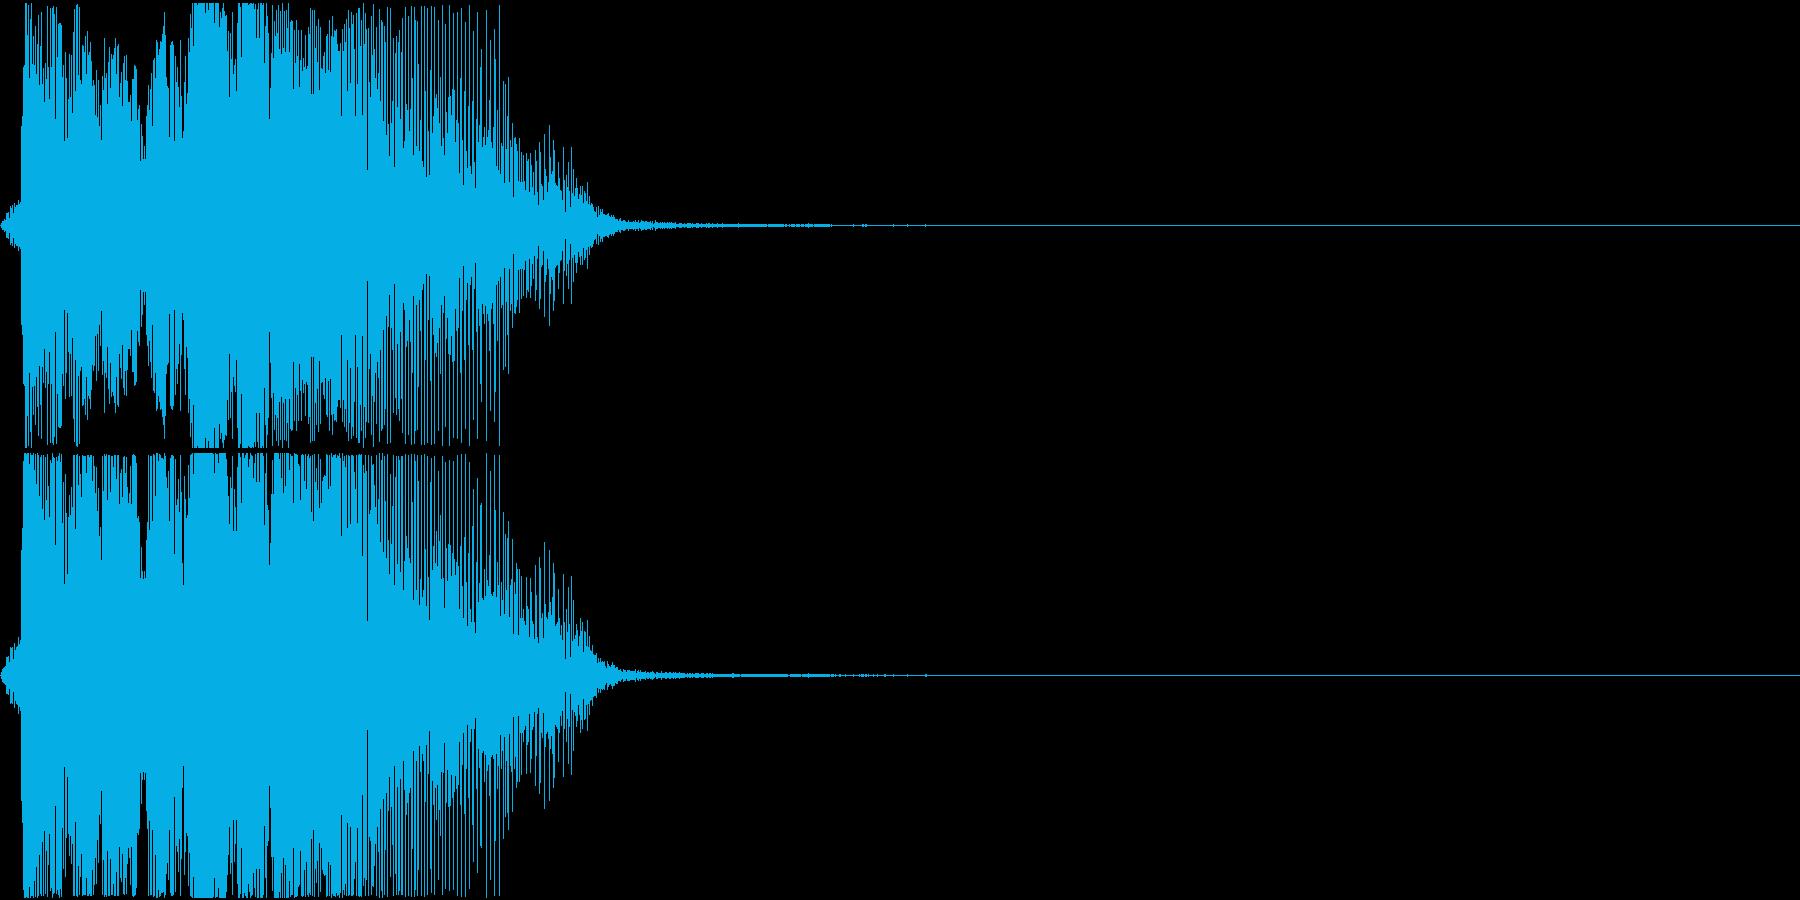 「ボーナスタイム」アプリ・ゲーム用の再生済みの波形